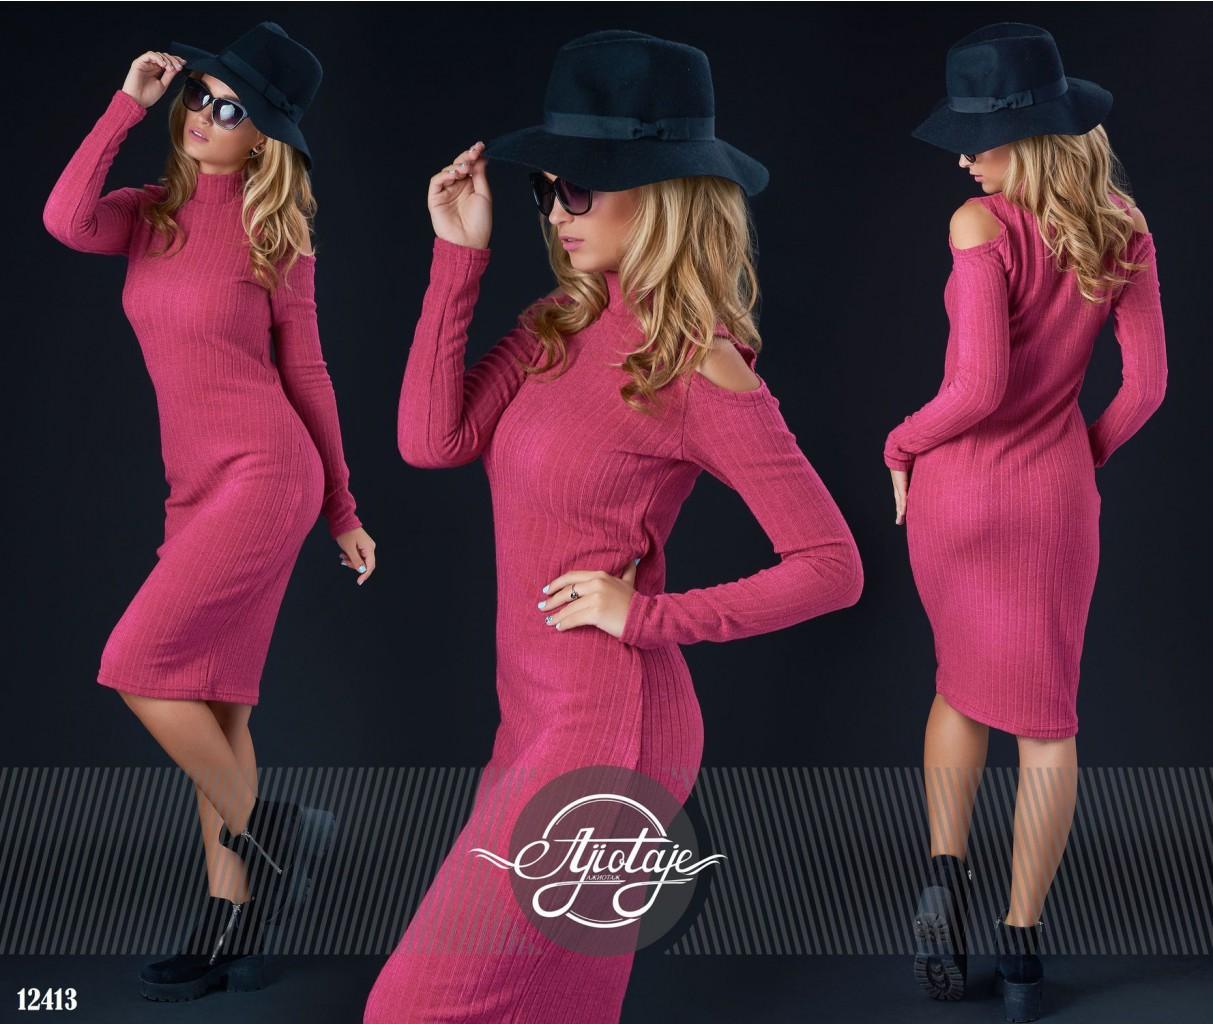 Пиар закупки организатора Sc@rlet - Стильно, гламурно и просто красиво! В офисе, на вечеринке и просто на прогулке. Платья, блузки, комбинезоны. Куртки, костюмы и многое другое. Известный украинский производитель! Женская, мужская одежда, есть большие раз